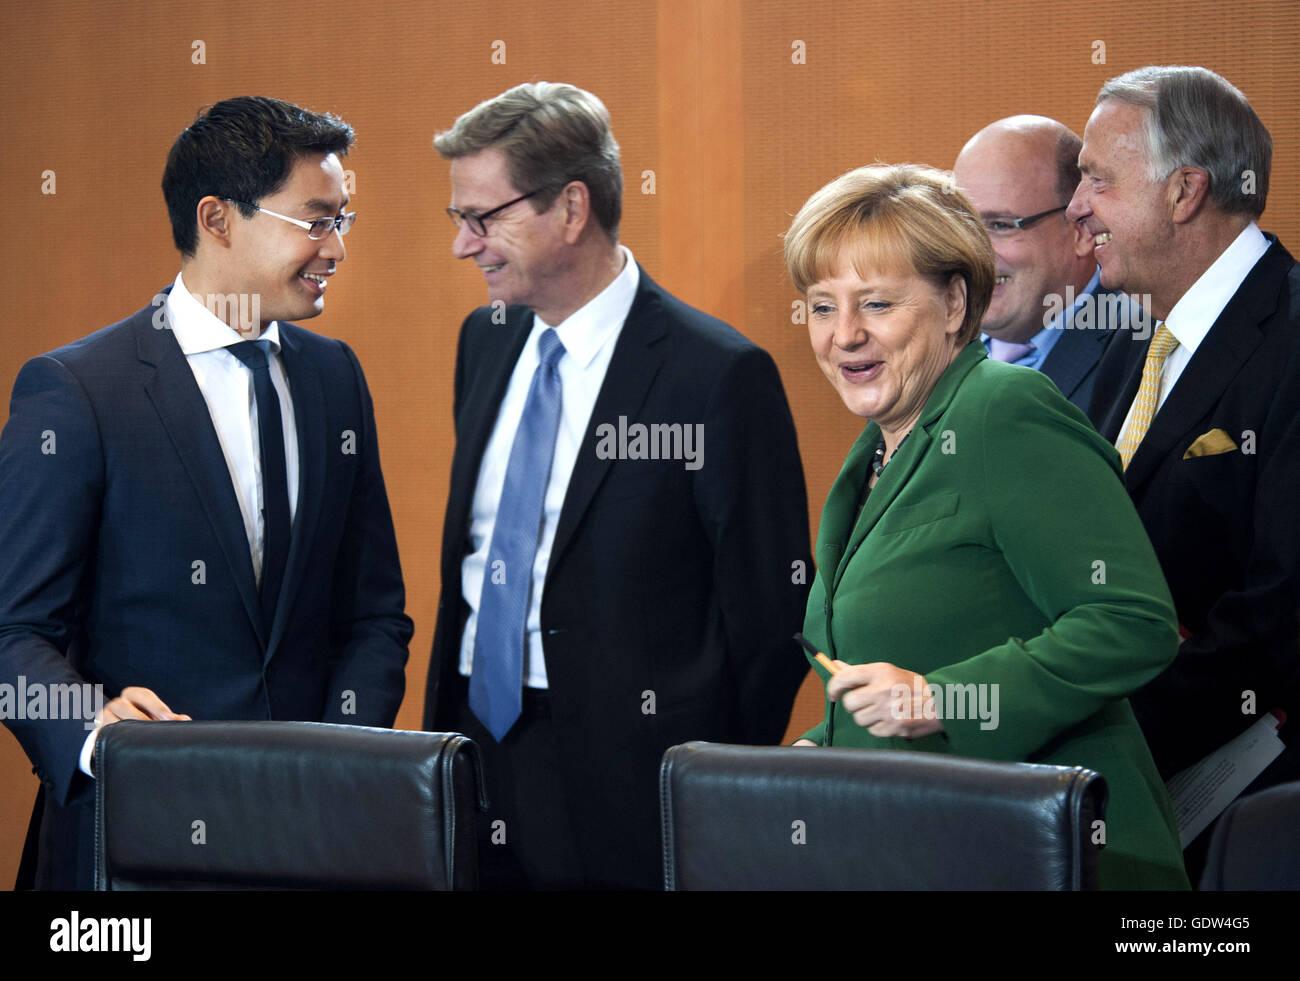 Deutschland, Berlin, 18.09.2013. Kabinettsitzung am 18.09.2013 im Bundeskanzleramt in Berlin. V. l. n. r.: Dr. Philipp - Stock Image